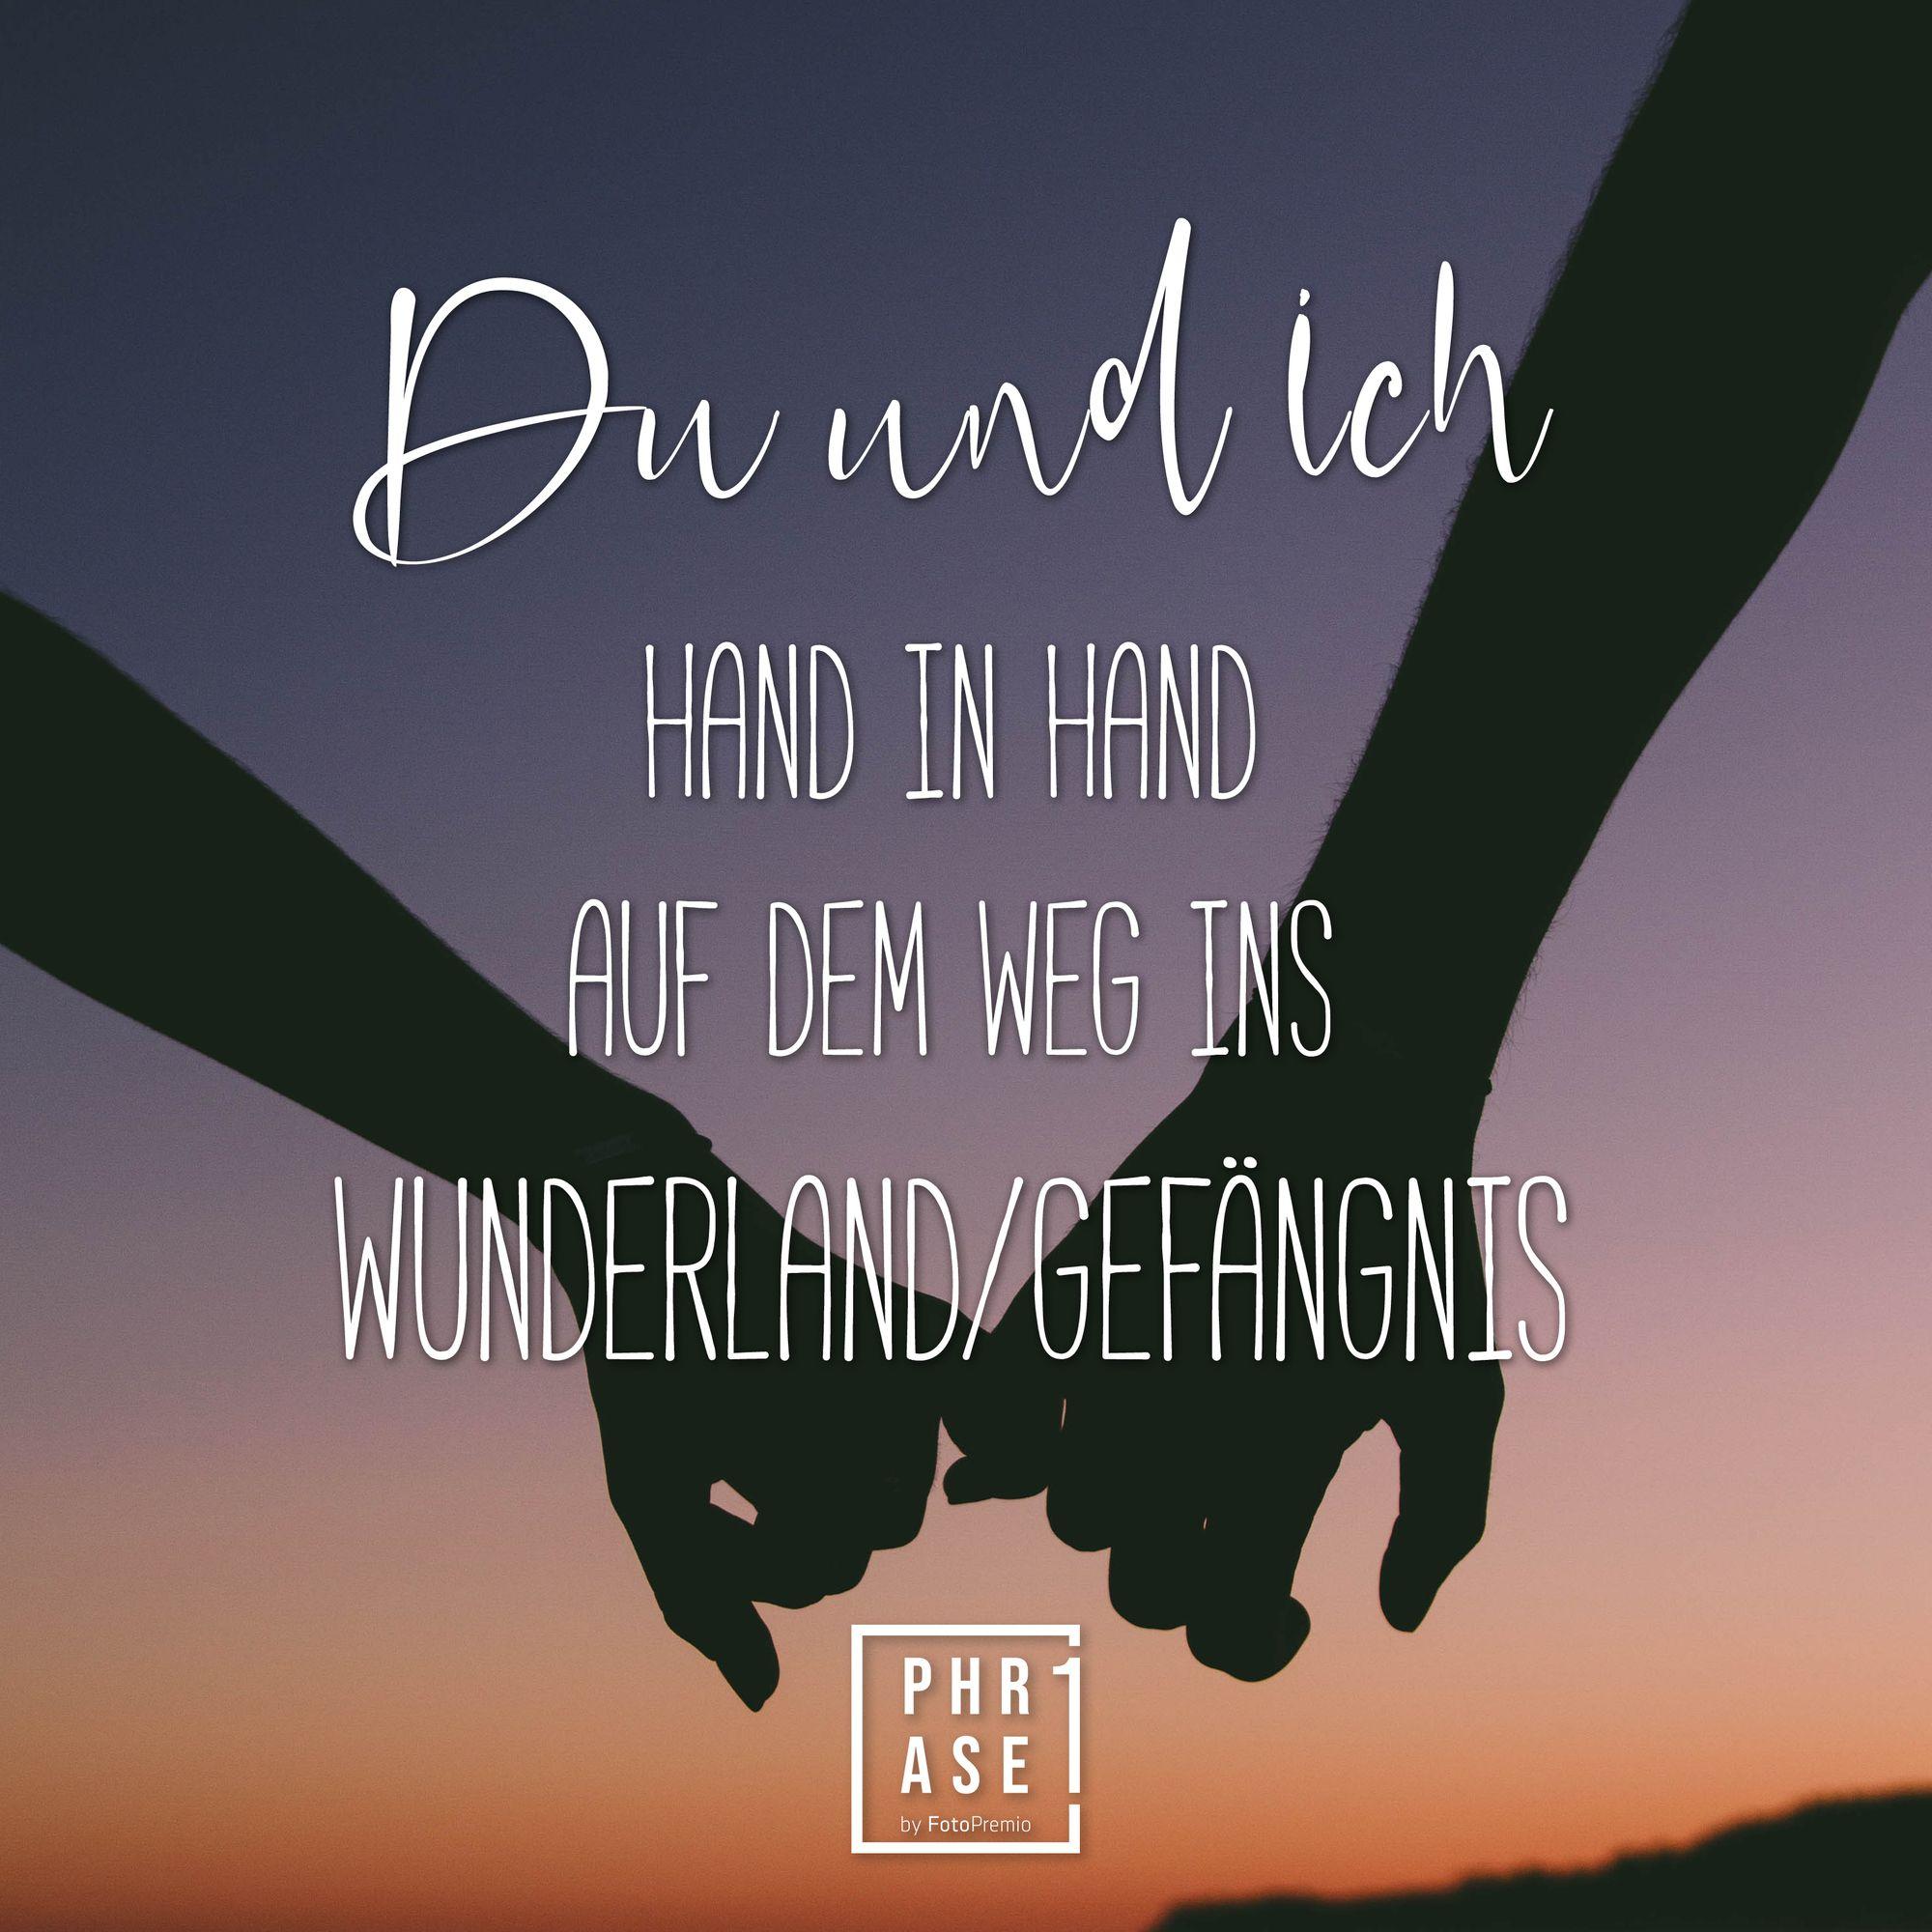 Du Und Ich Hand In Hand Auf Dem Weg Ins Wunderland Gefangnis Romantische Spruche Liebesspruche Spruche Beziehung